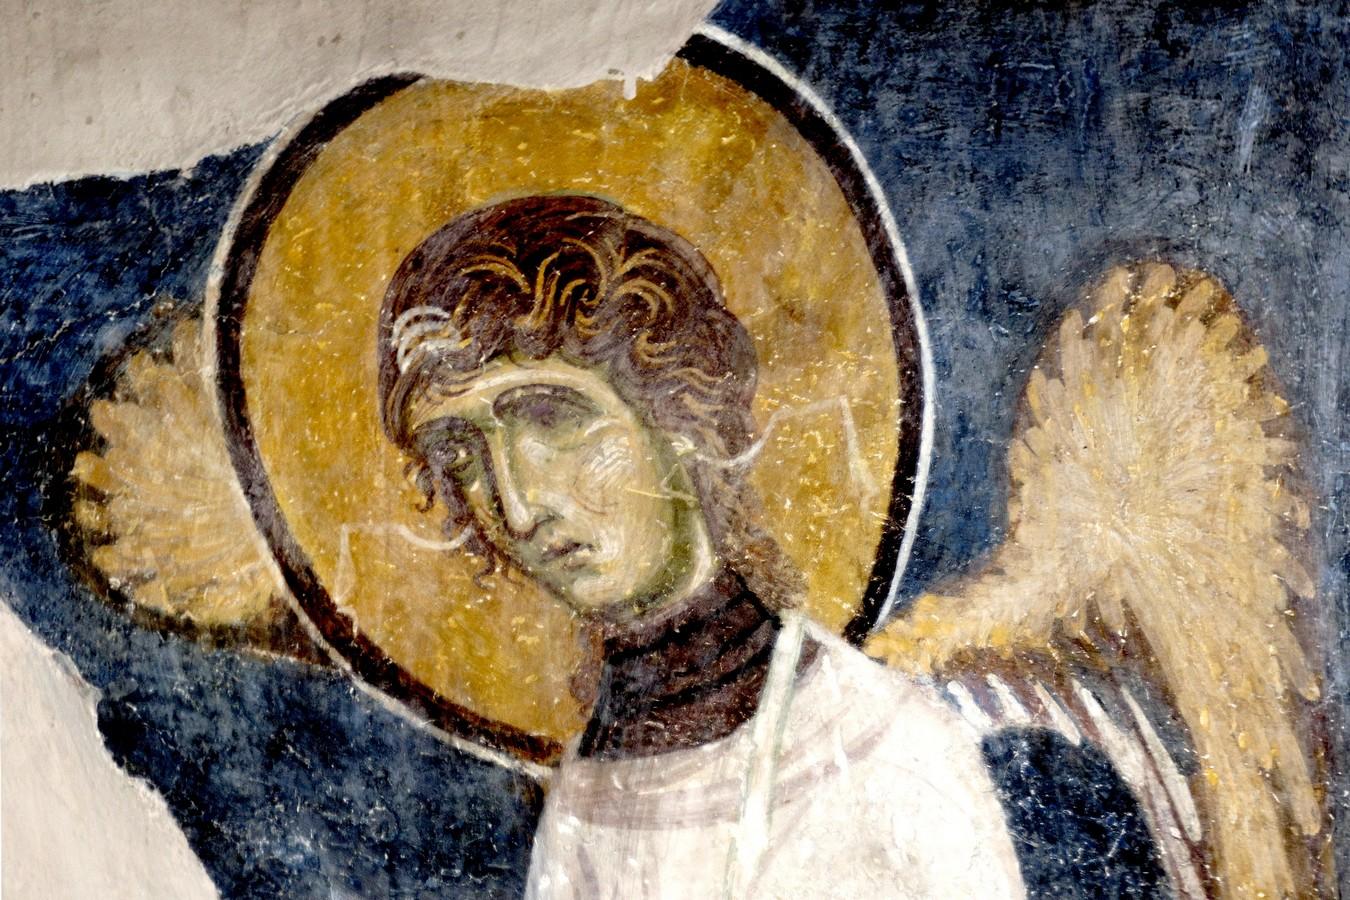 Ангел-диакон. Фреска монастыря Святого Пантелеимона в Нерези близ Скопье, Македония. 1164 год.